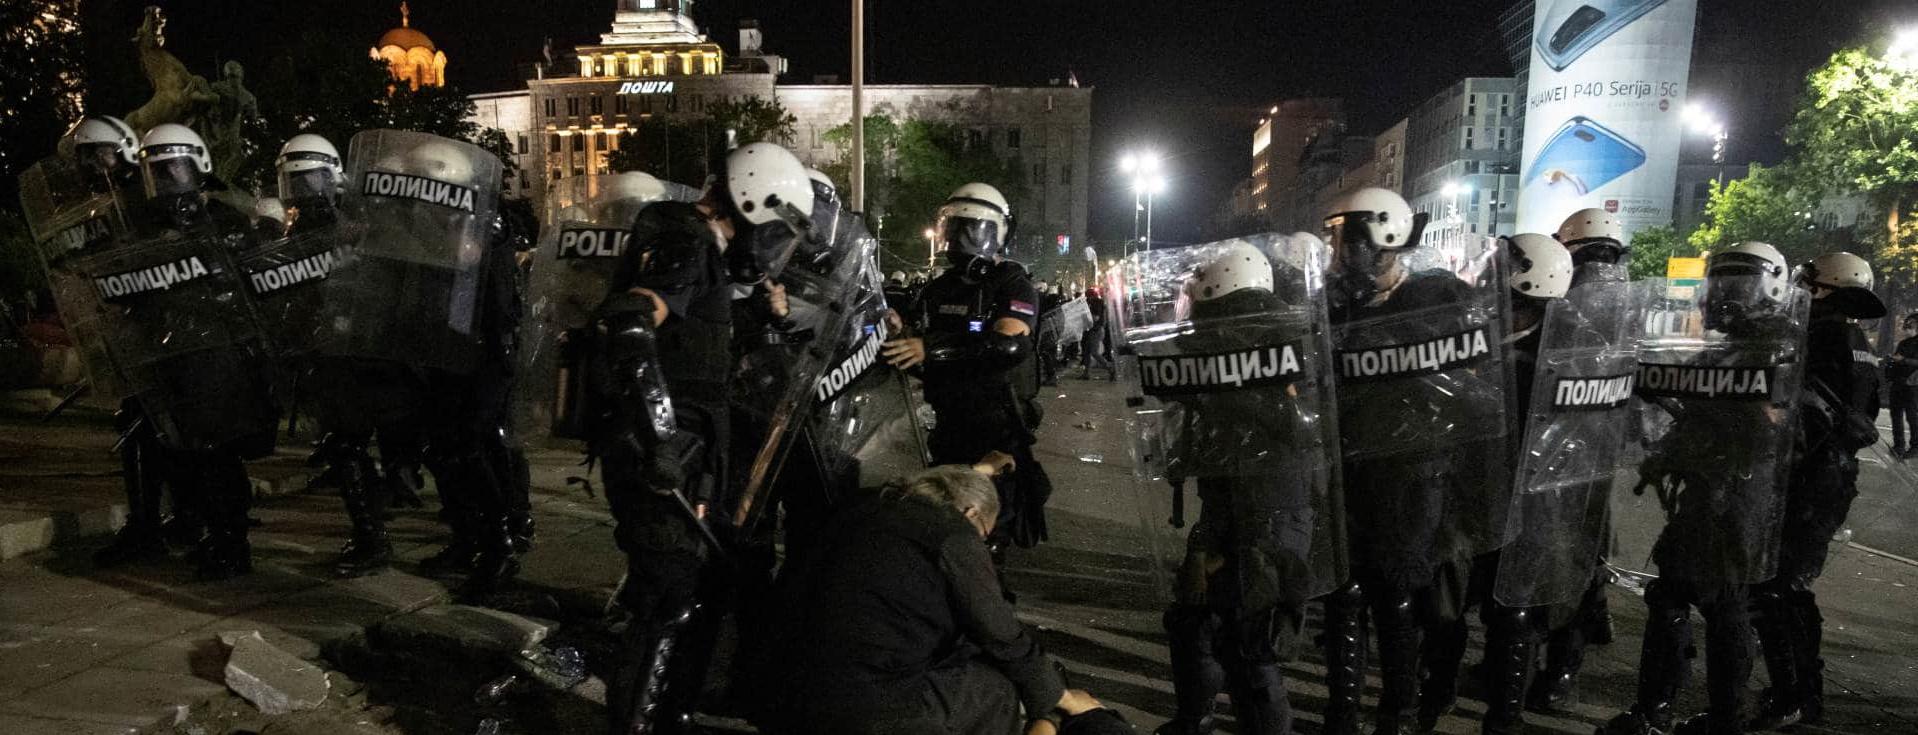 Массовые протесты в Сербии: активисты забрасывали полицию камнями и фаерами, от Вучича требуют уйти в отставку